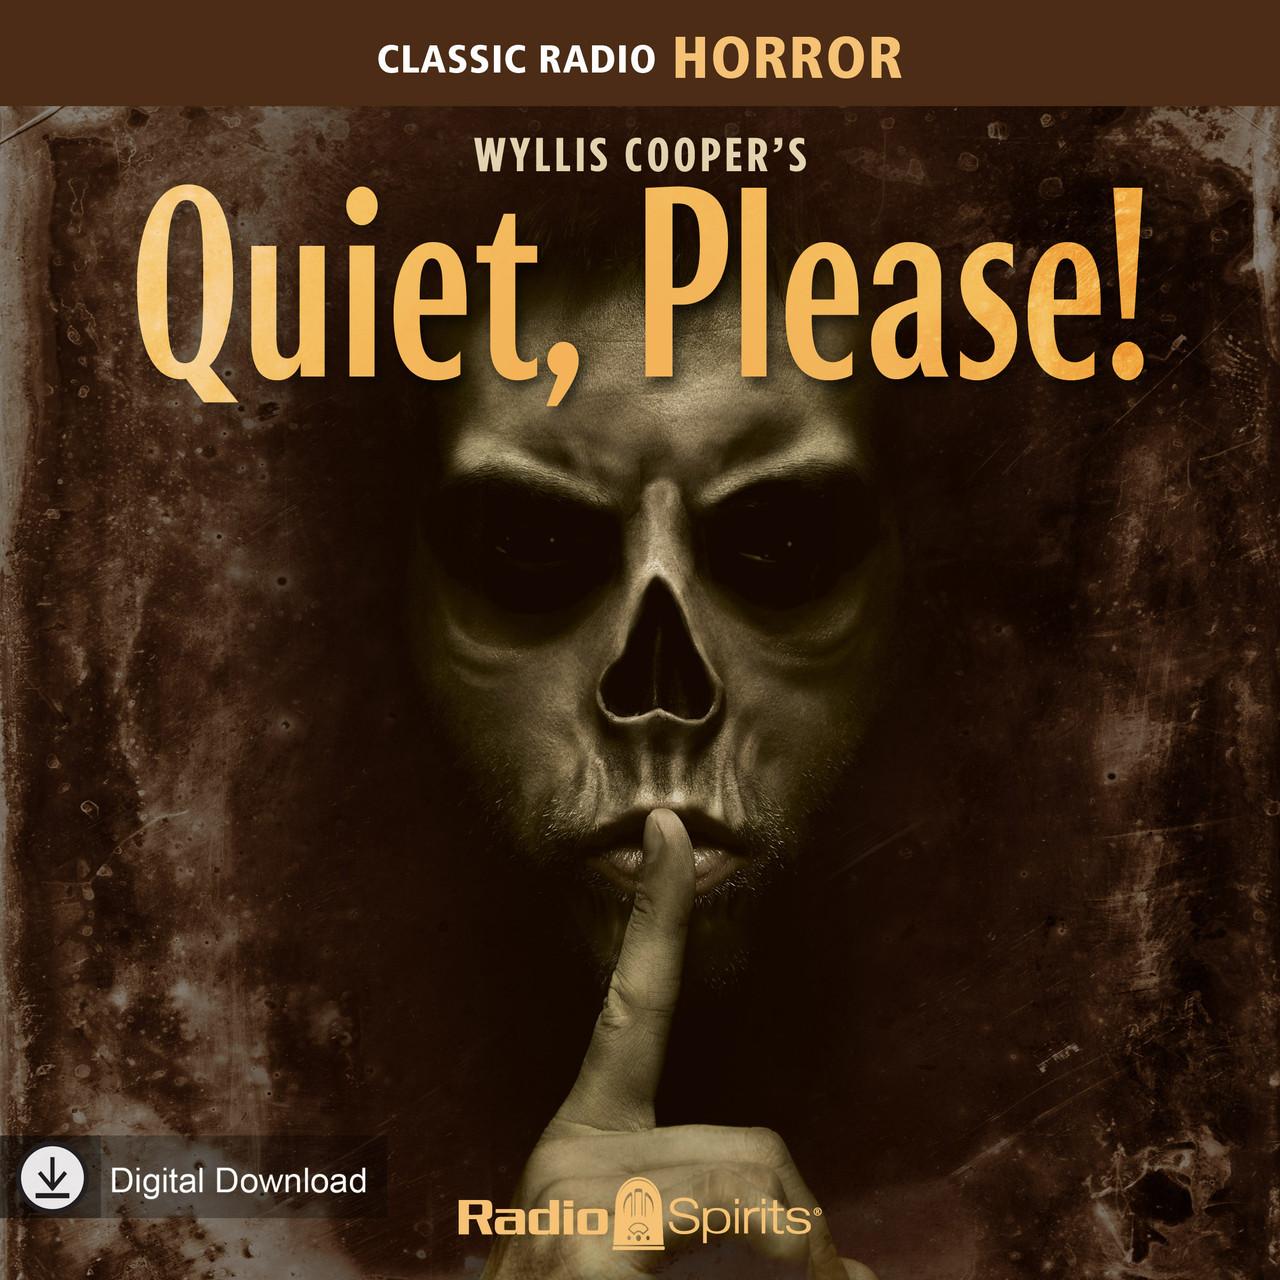 Wyllis Cooper's Quiet, Please! (MP3 Download)